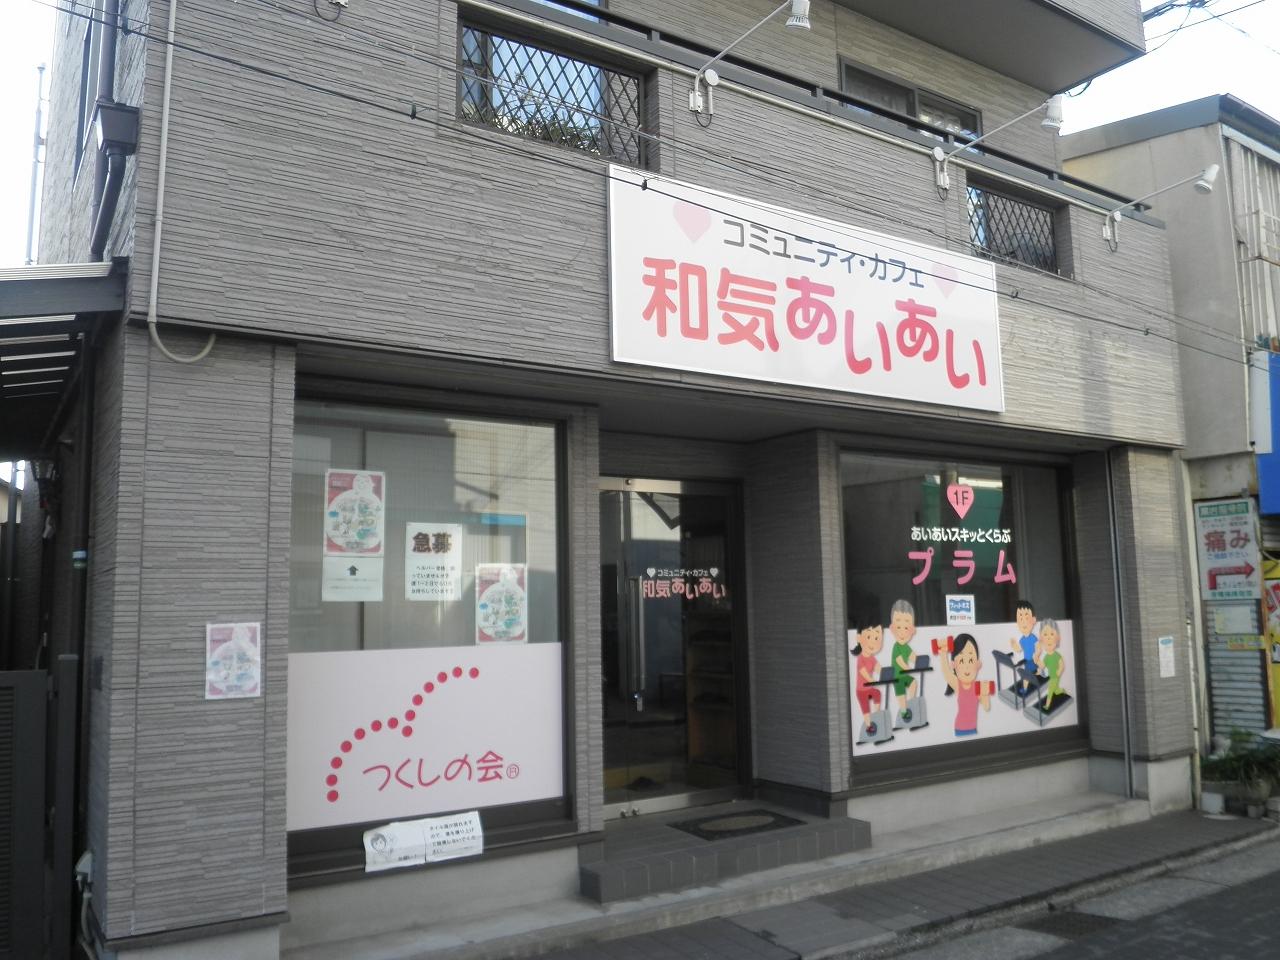 (36)コミュニティ・カフェ 和気あいあい